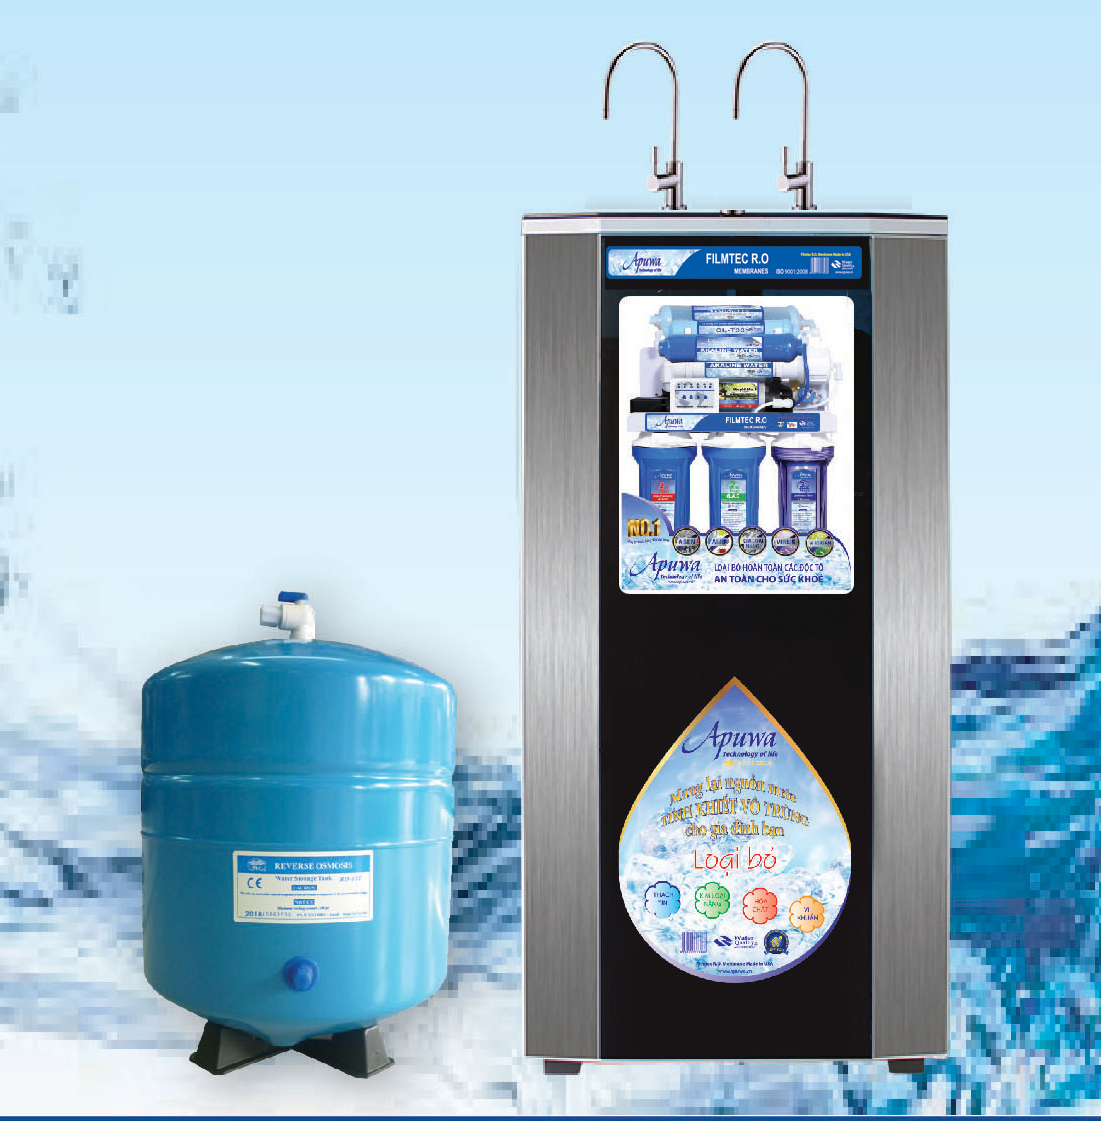 Thực trạng thị trường máy lọc nước gia đình tại Việt Nam: thật giả lẫn lộn